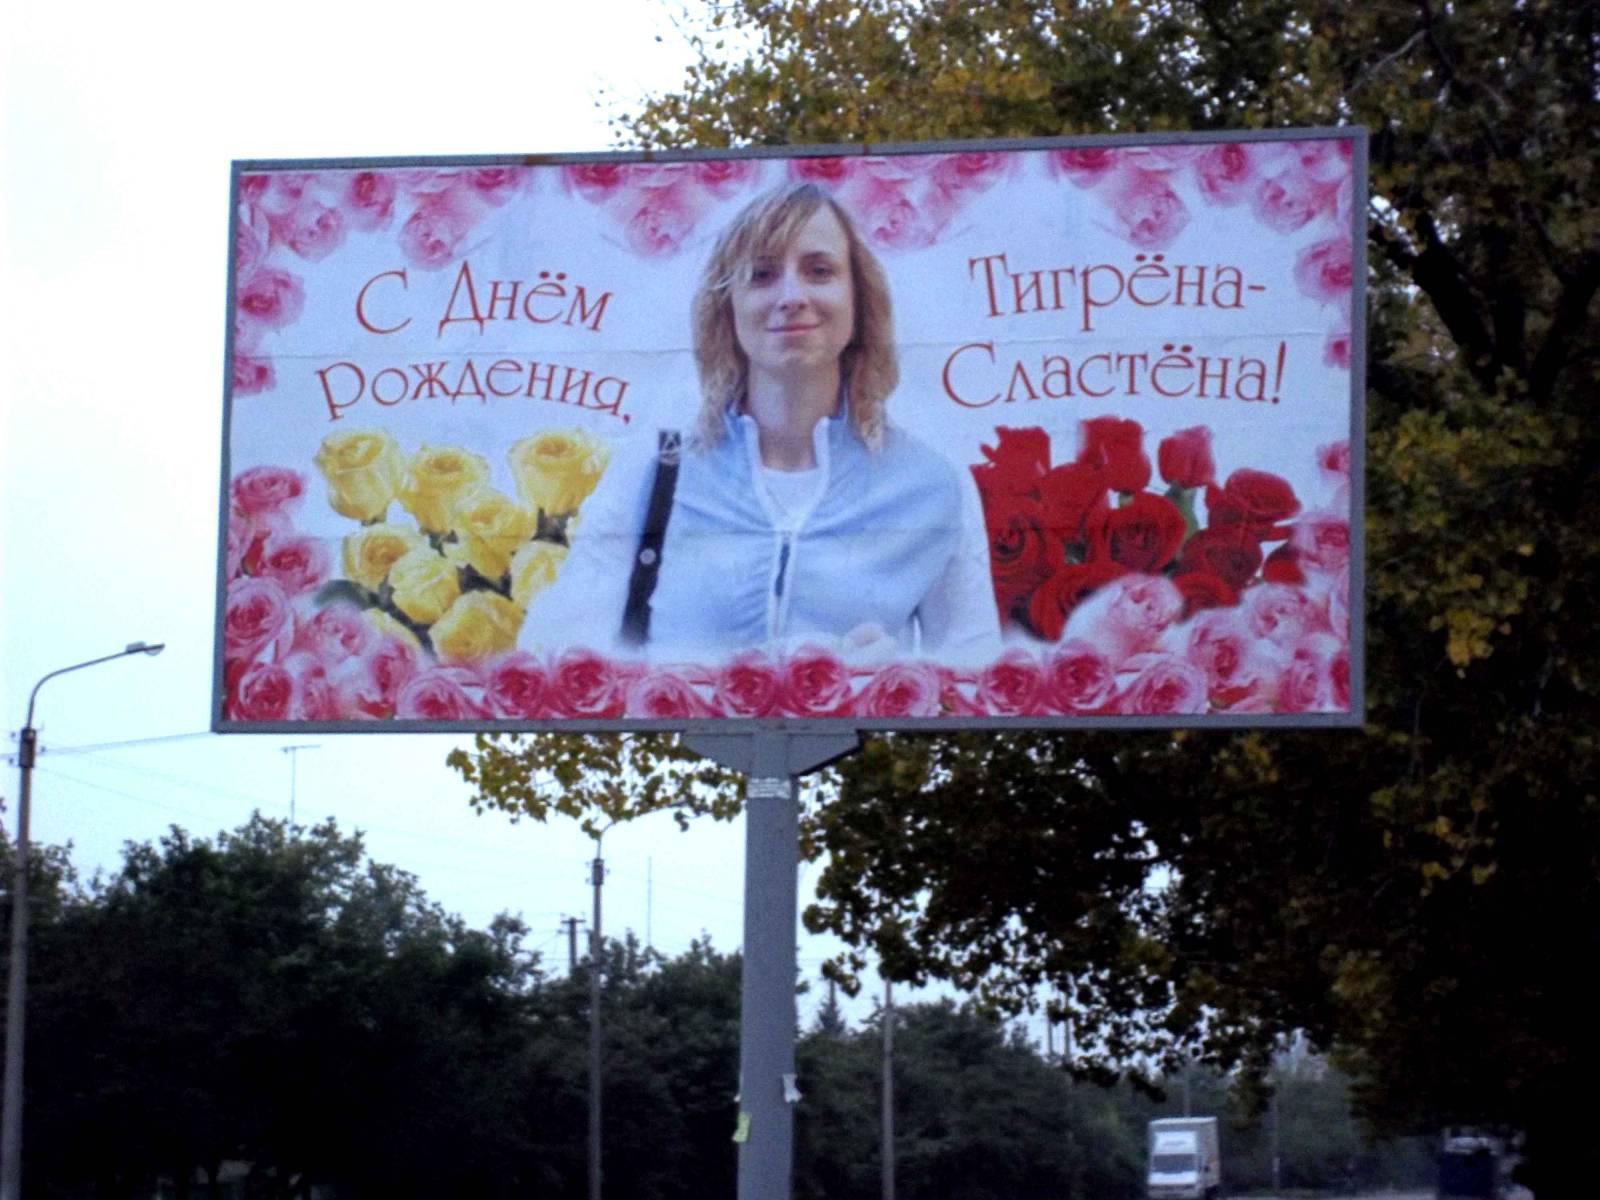 Поздравления с днем рождения на реклам